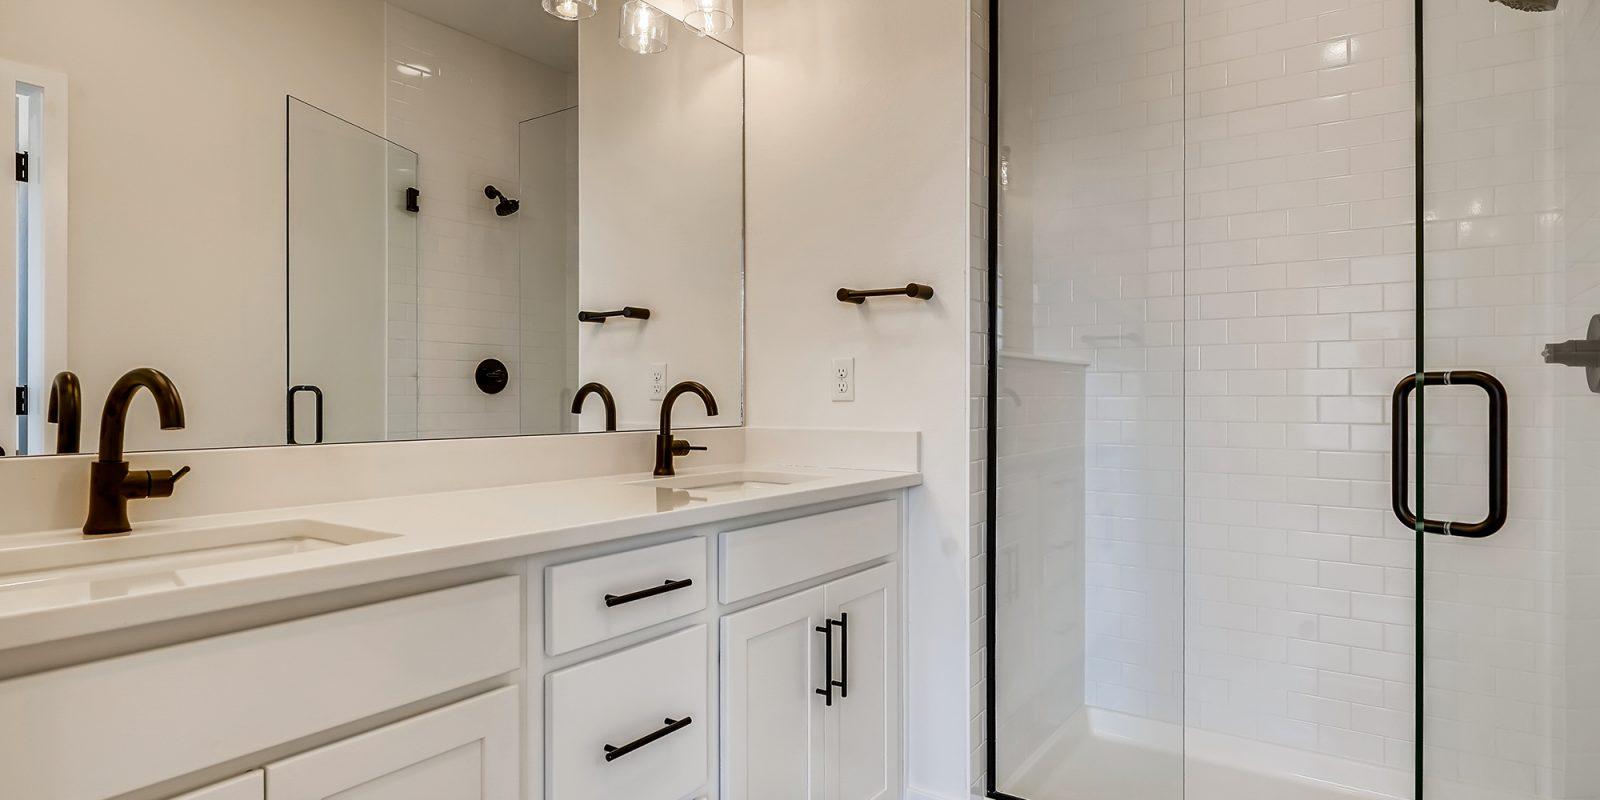 WestRidge DoMore Rows: Haven - Primary Bathroom